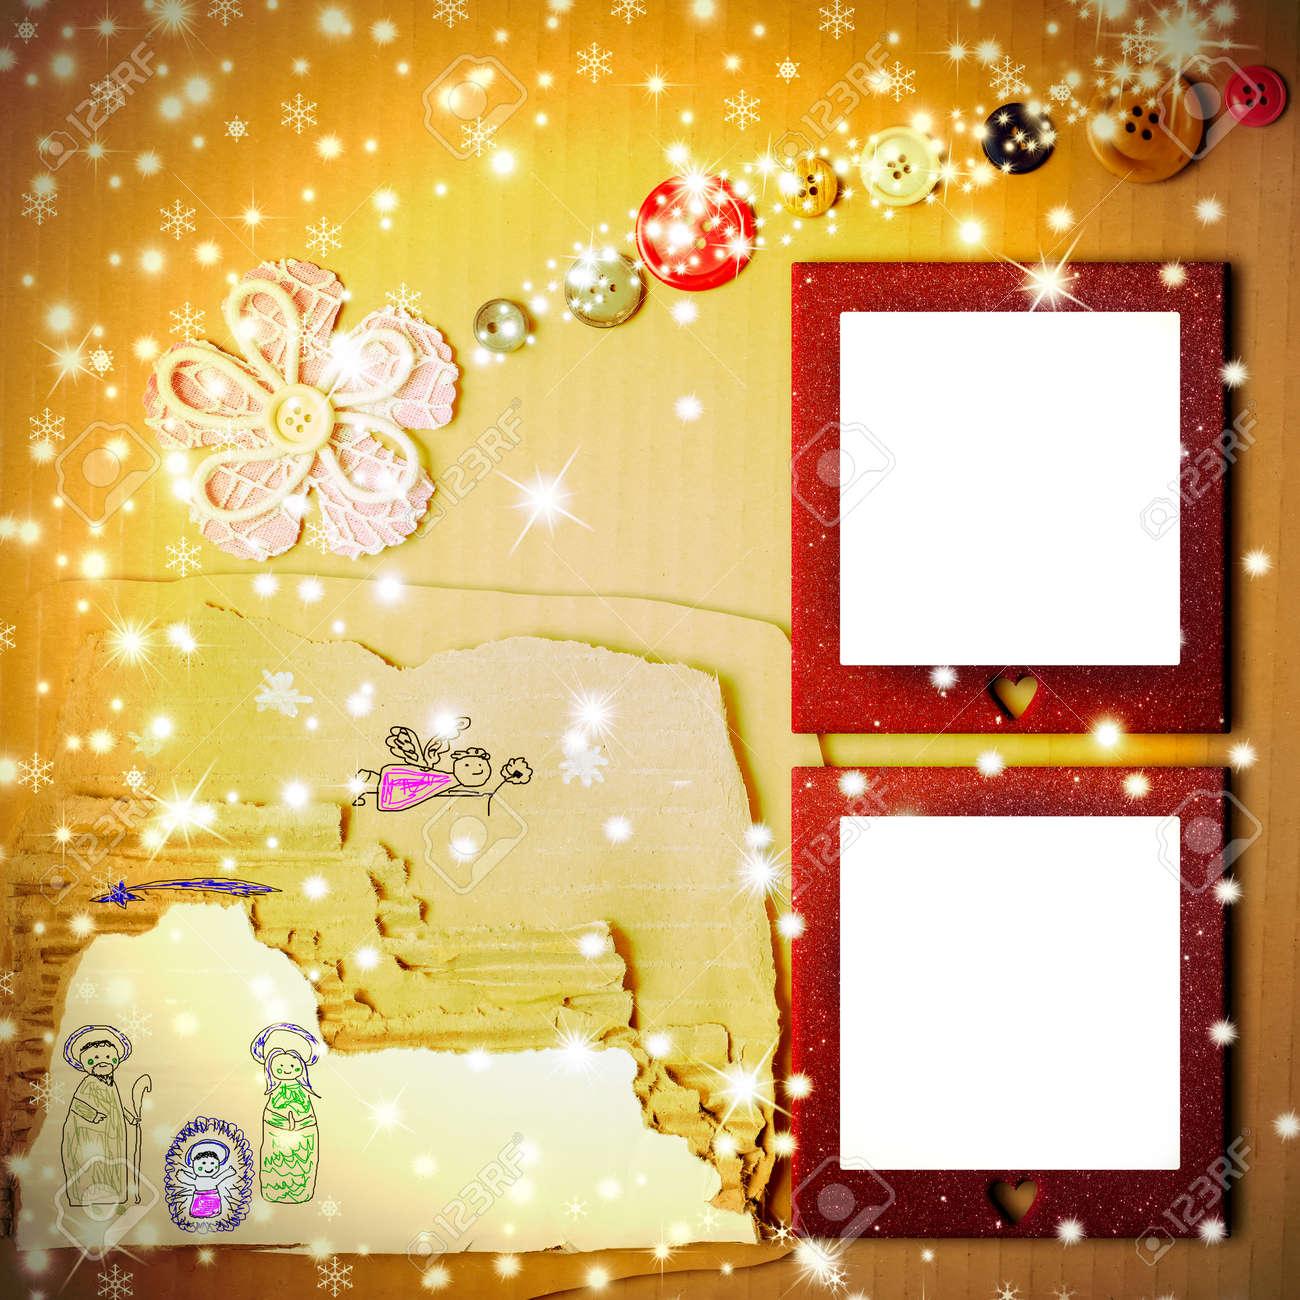 Fröhliche Weihnachten Zwei Bilderrahmen Karte, Kinder Krippe ...